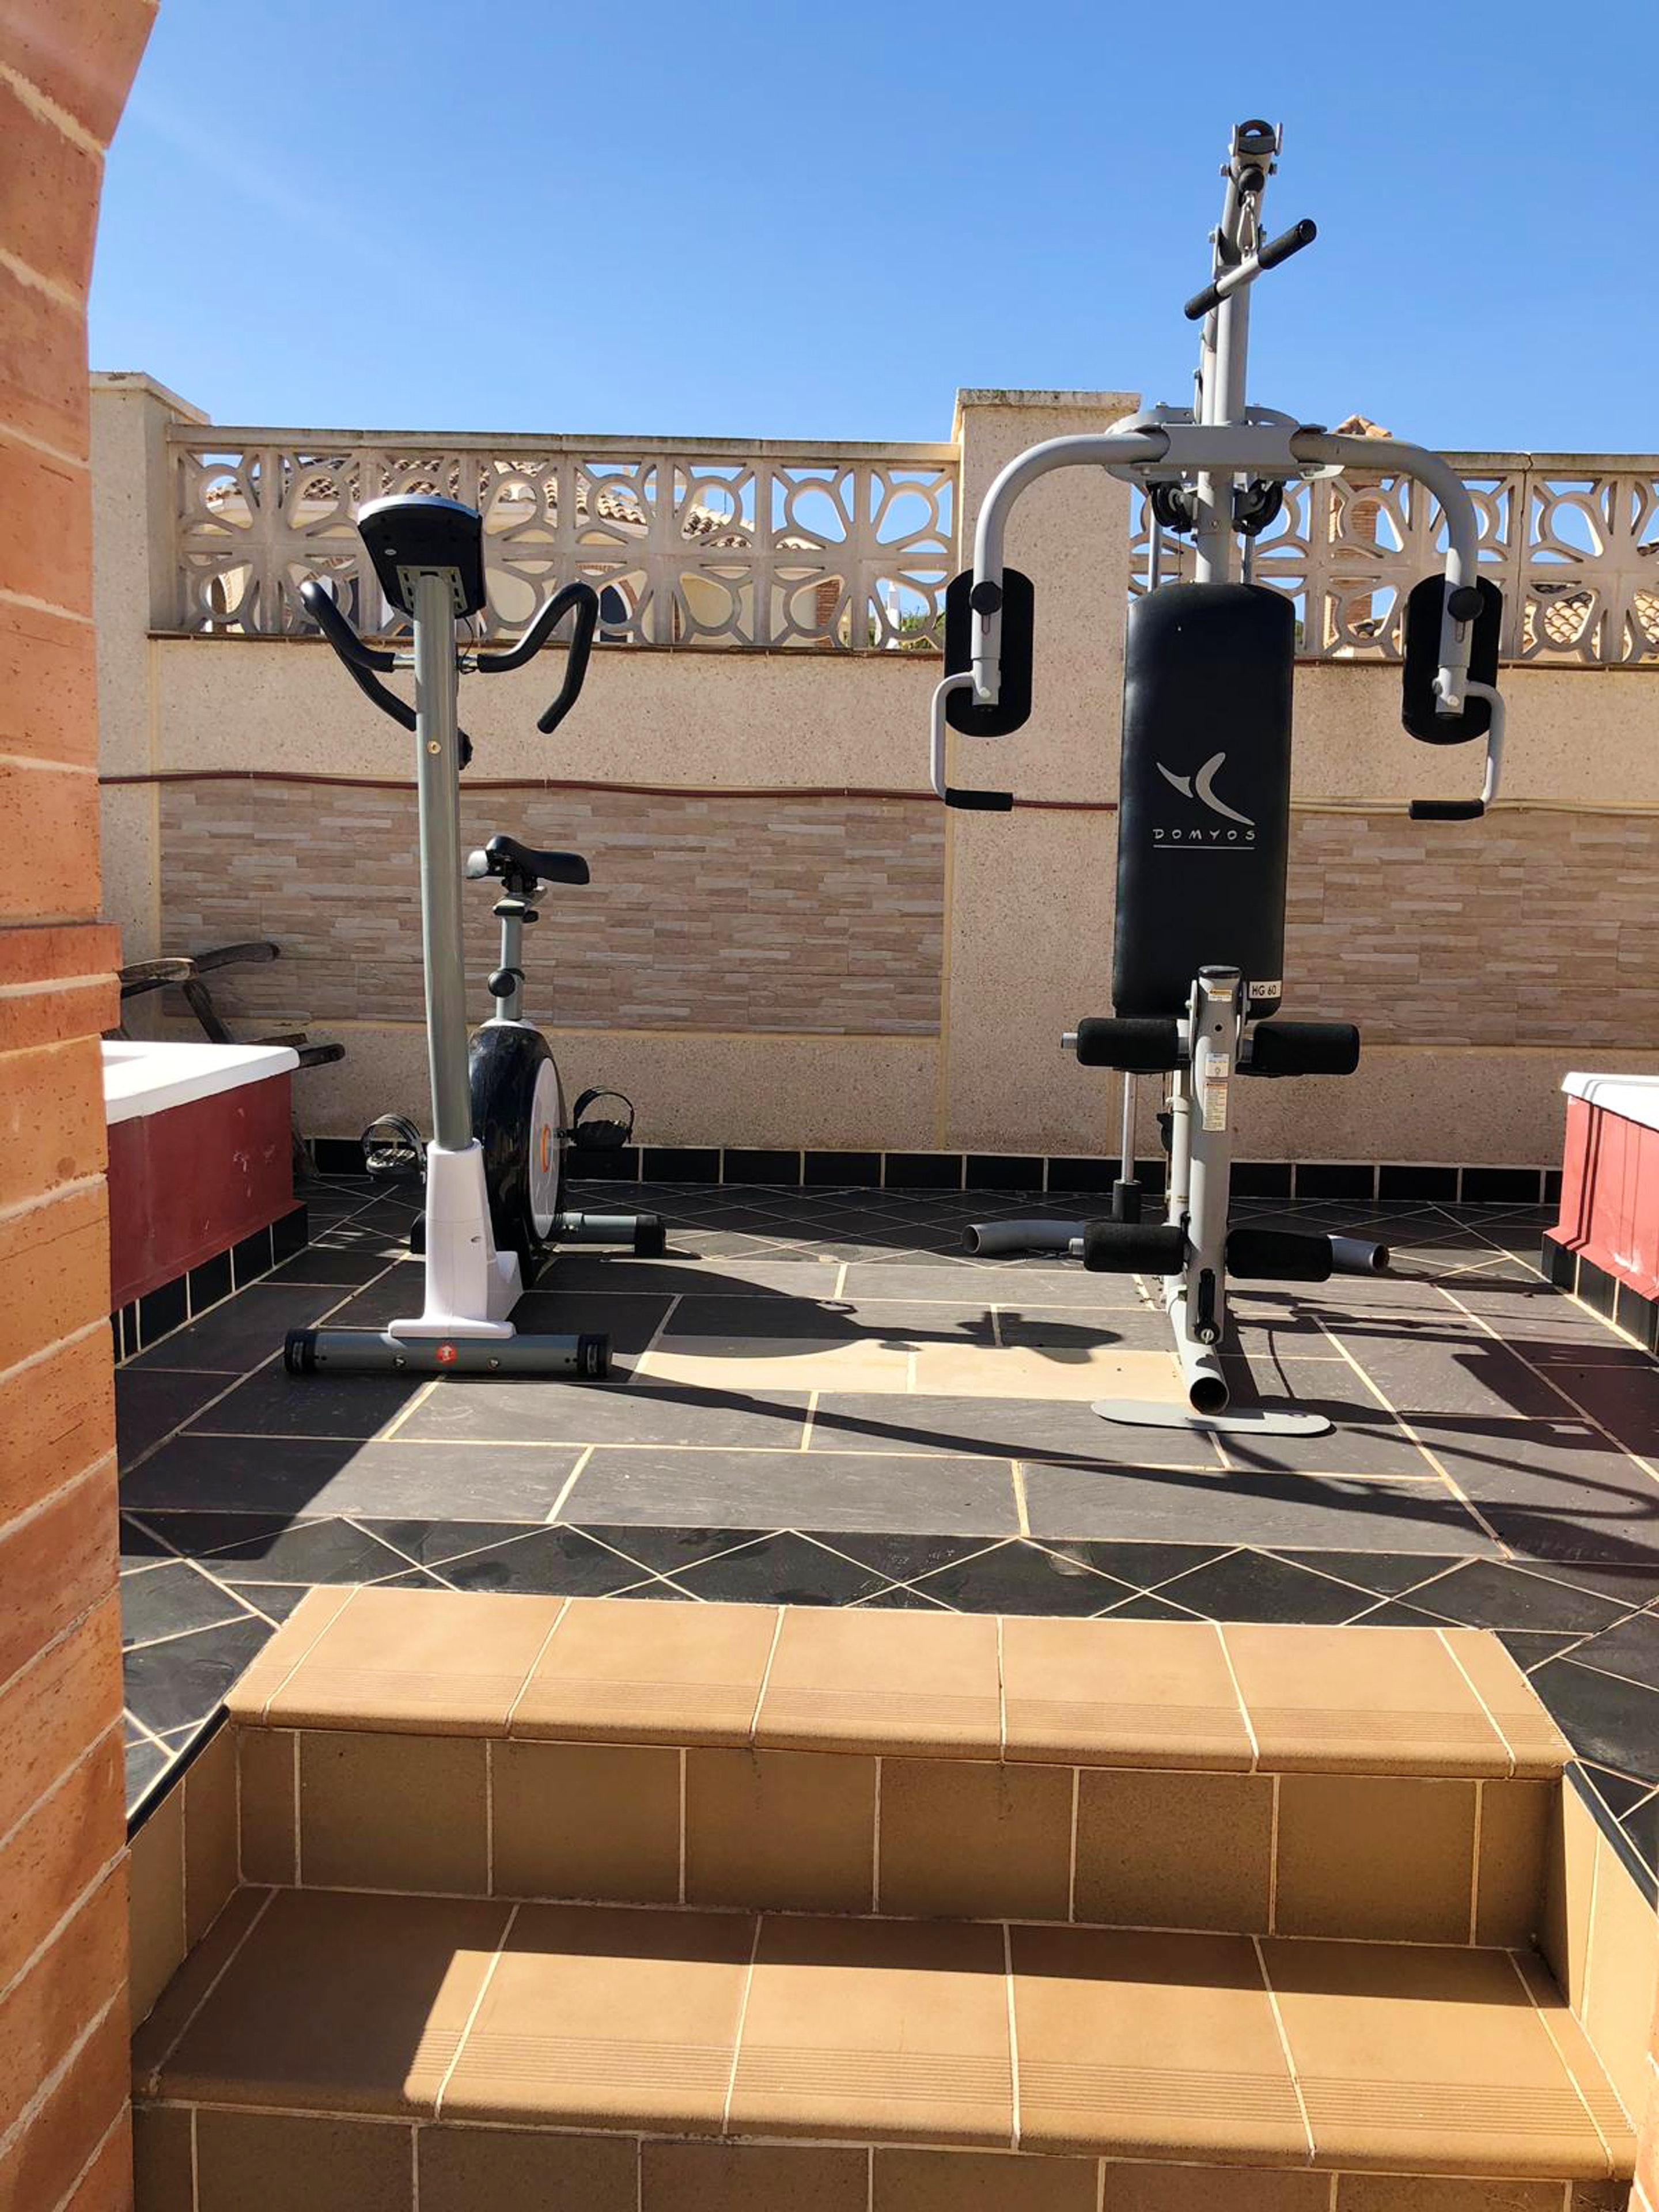 Appartement de vacances Wohnung mit 2 Schlafzimmern in Mazarrón mit toller Aussicht auf die Berge, privatem Pool,  (2632538), Mazarron, Costa Calida, Murcie, Espagne, image 4